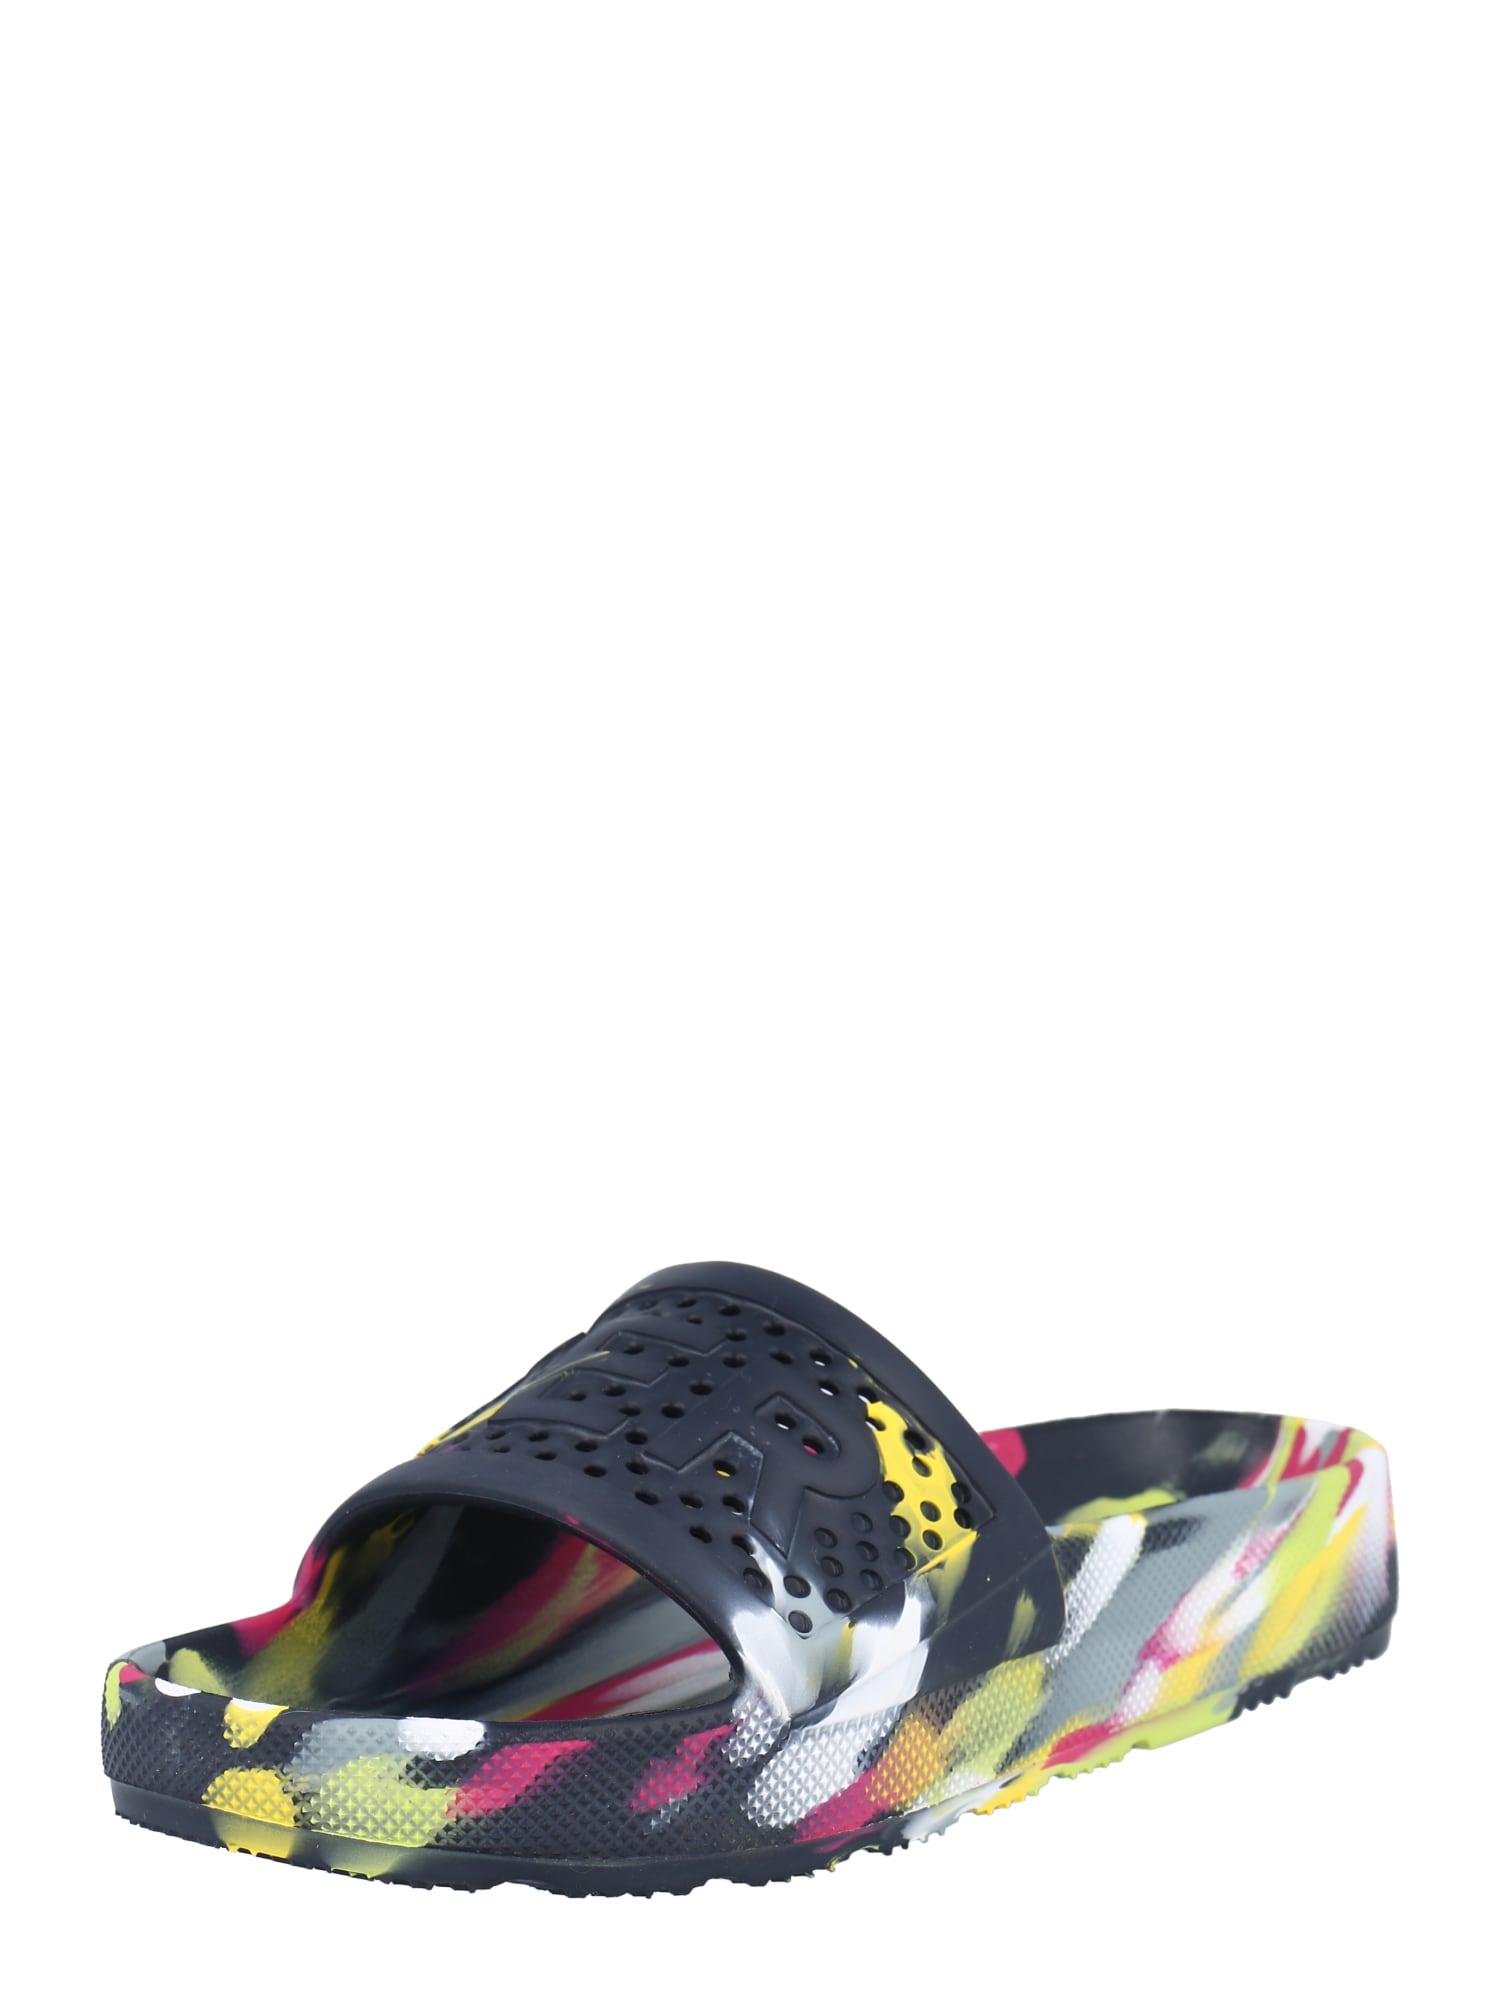 HUNTER Sandalai / maudymosi batai kobalto mėlyna / balta / rožinė / žolės žalia / raudona